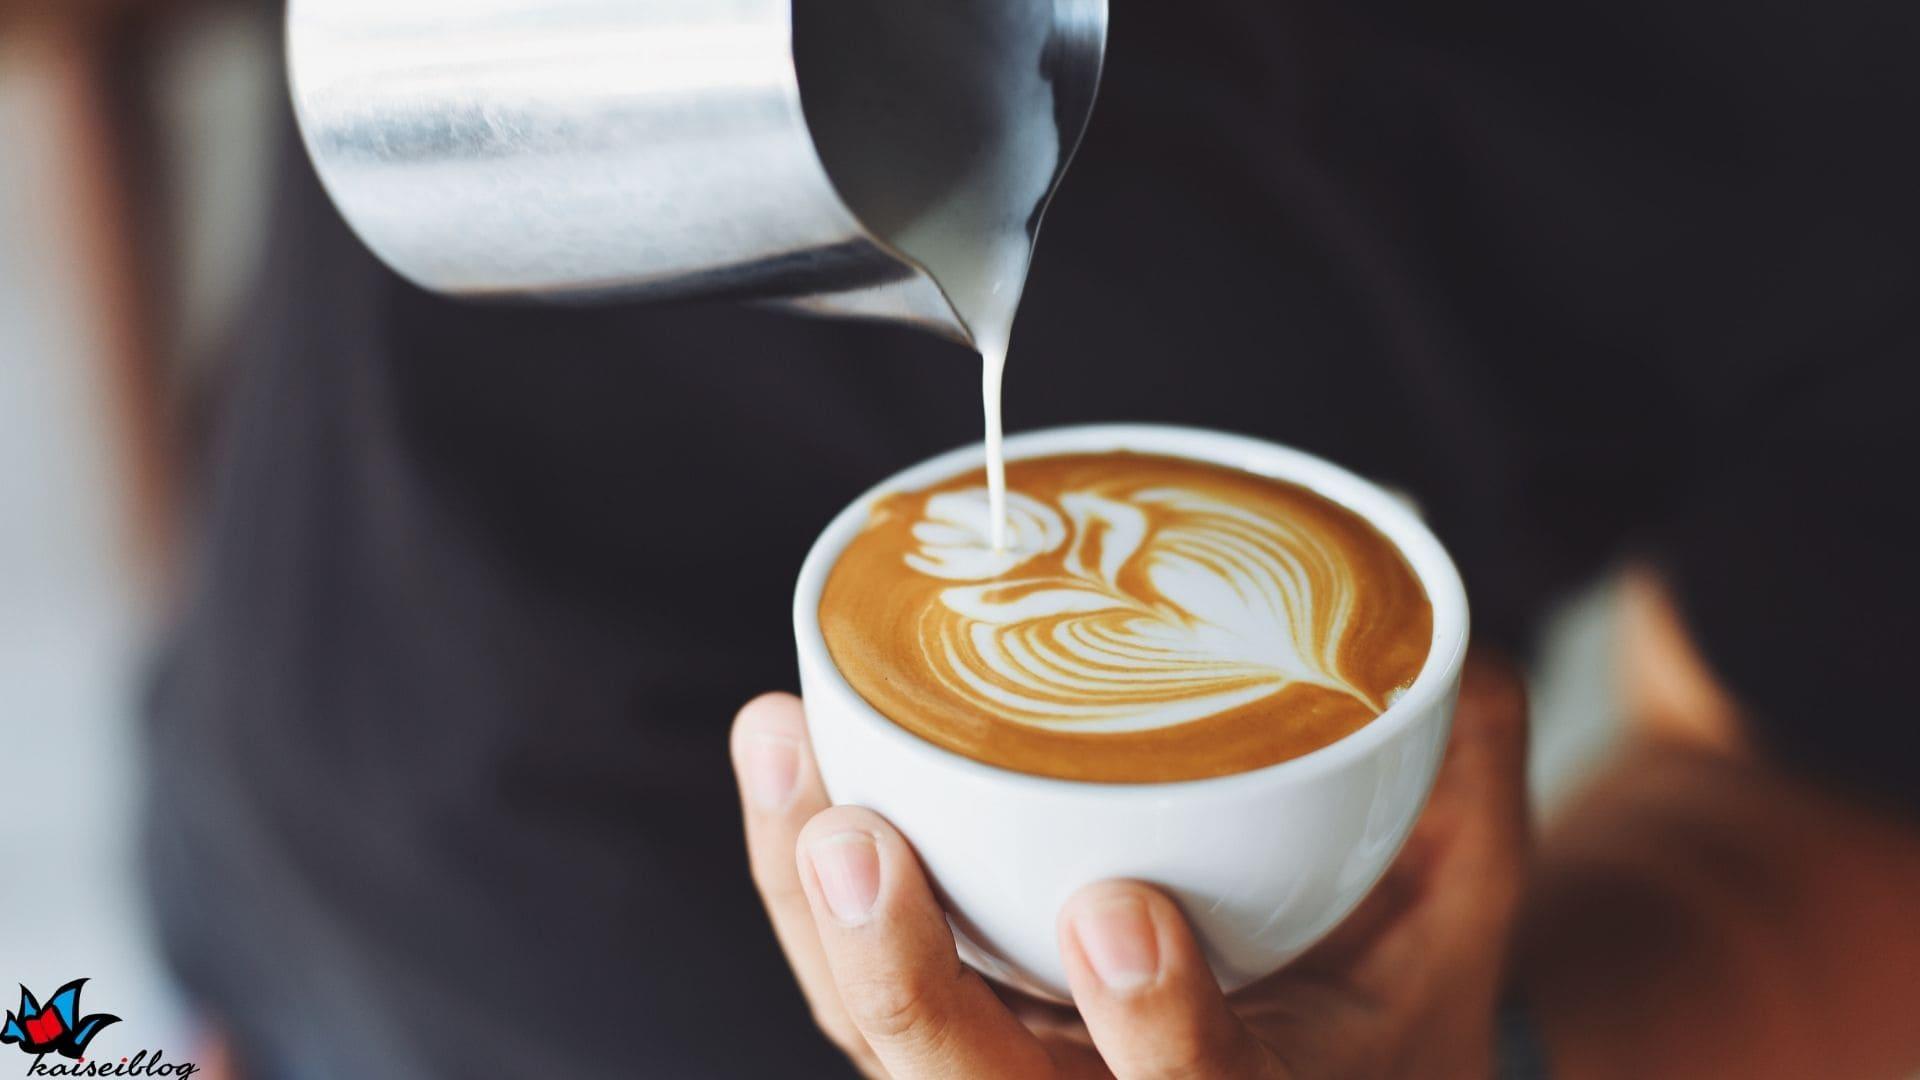 大学生 暇つぶし カフェ